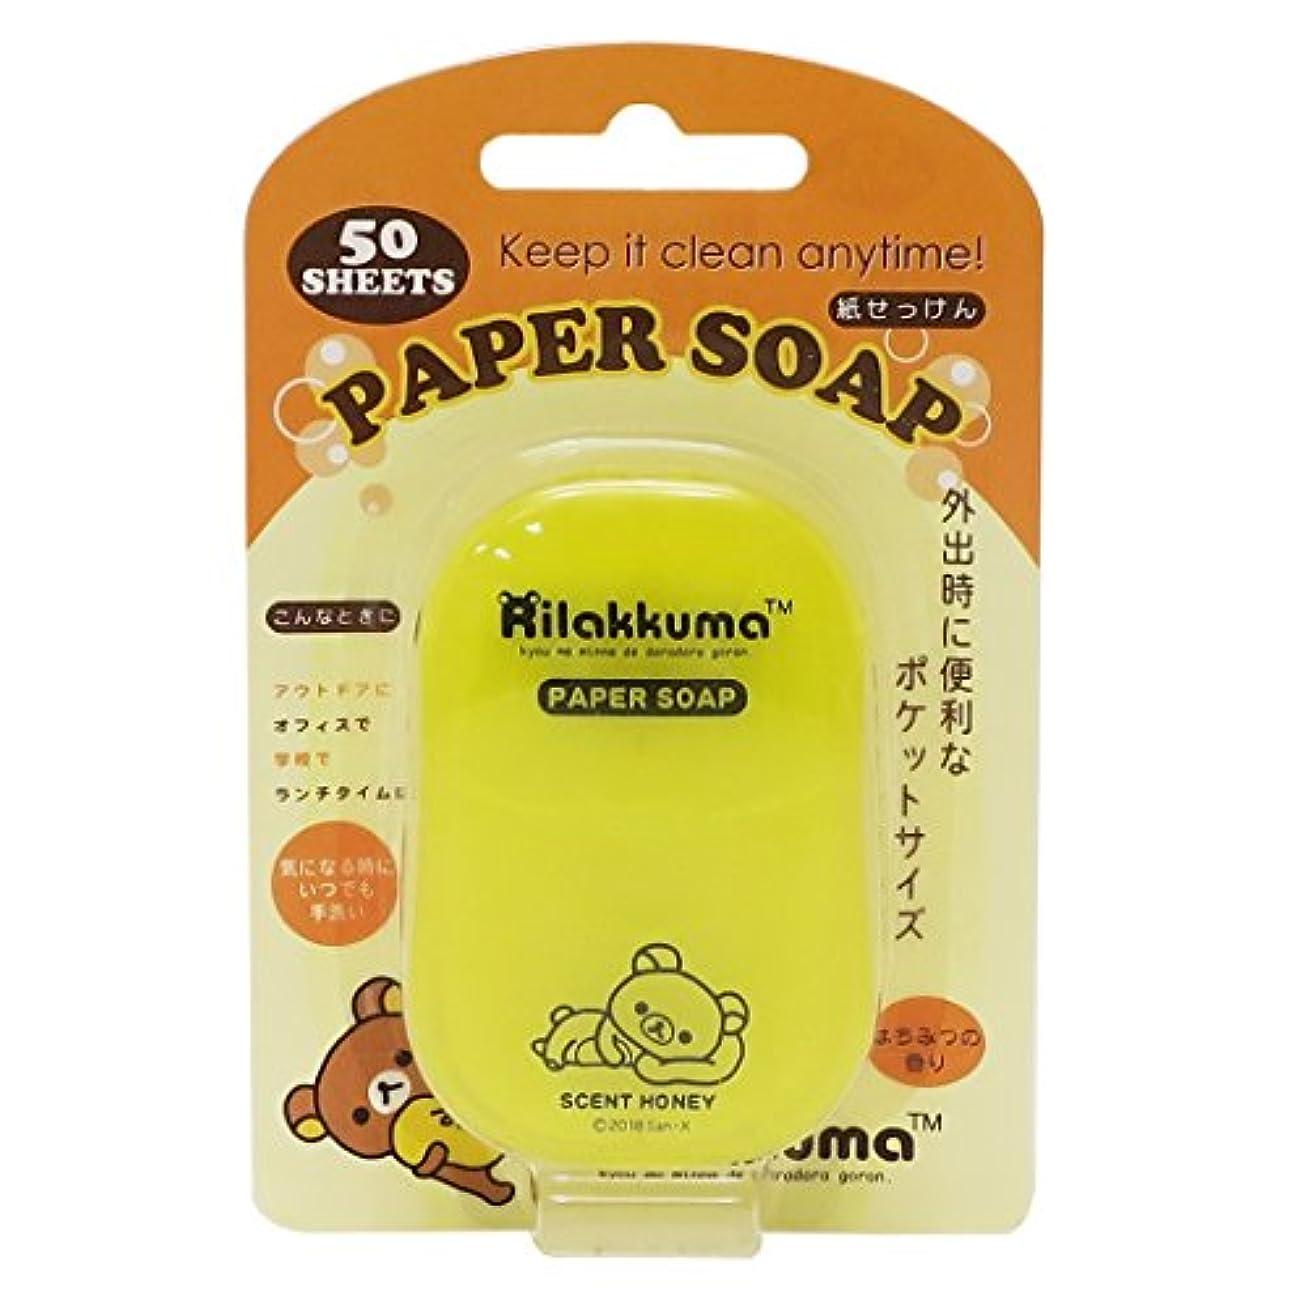 順応性のあるフローティング対人リラックマ[衛生雑貨]紙せっけん50枚入り/はちみつの香り サンエックス